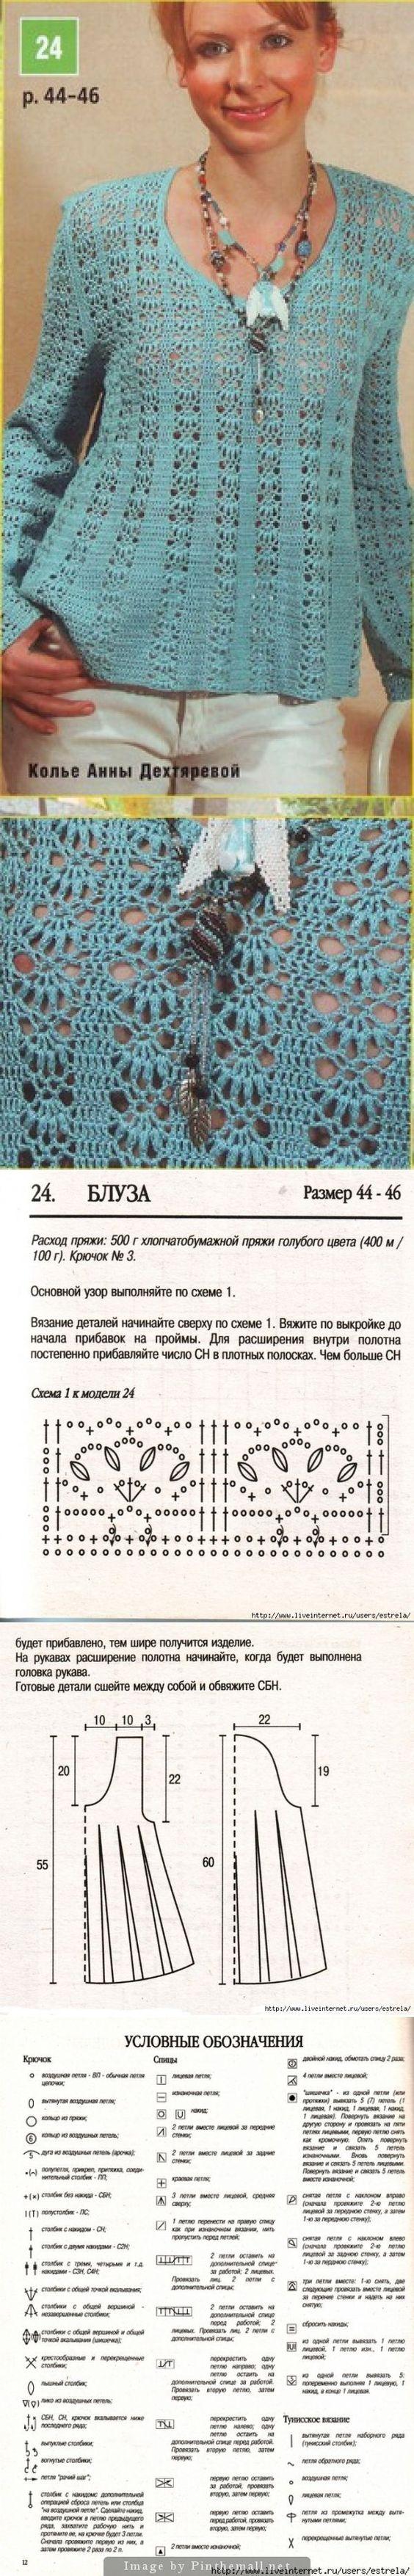 blusa navidad crochet-esquema-otakulandia.es (4)